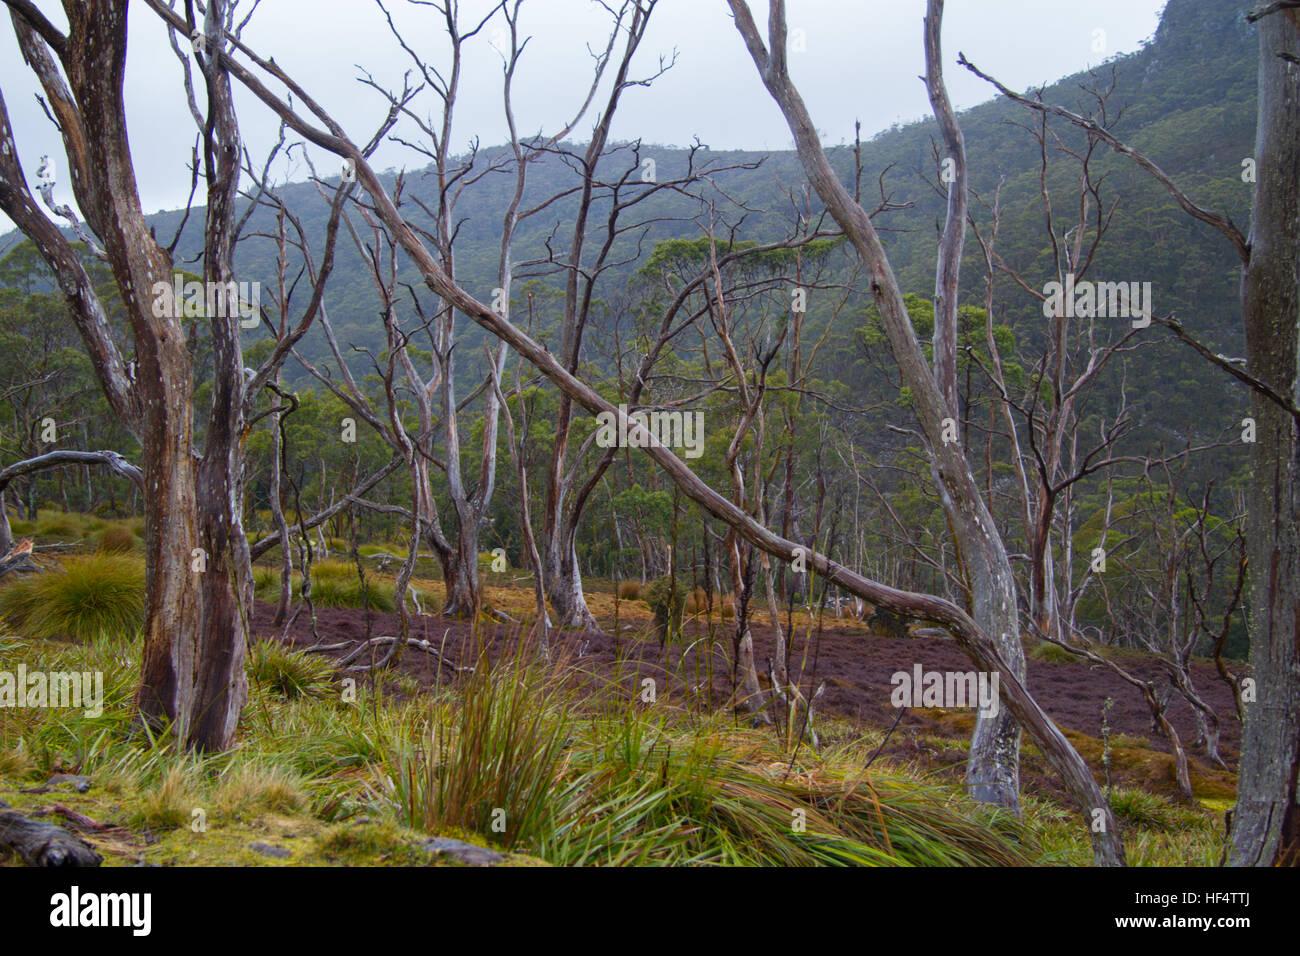 Dry forest view, Tasmania, Australia - Stock Image